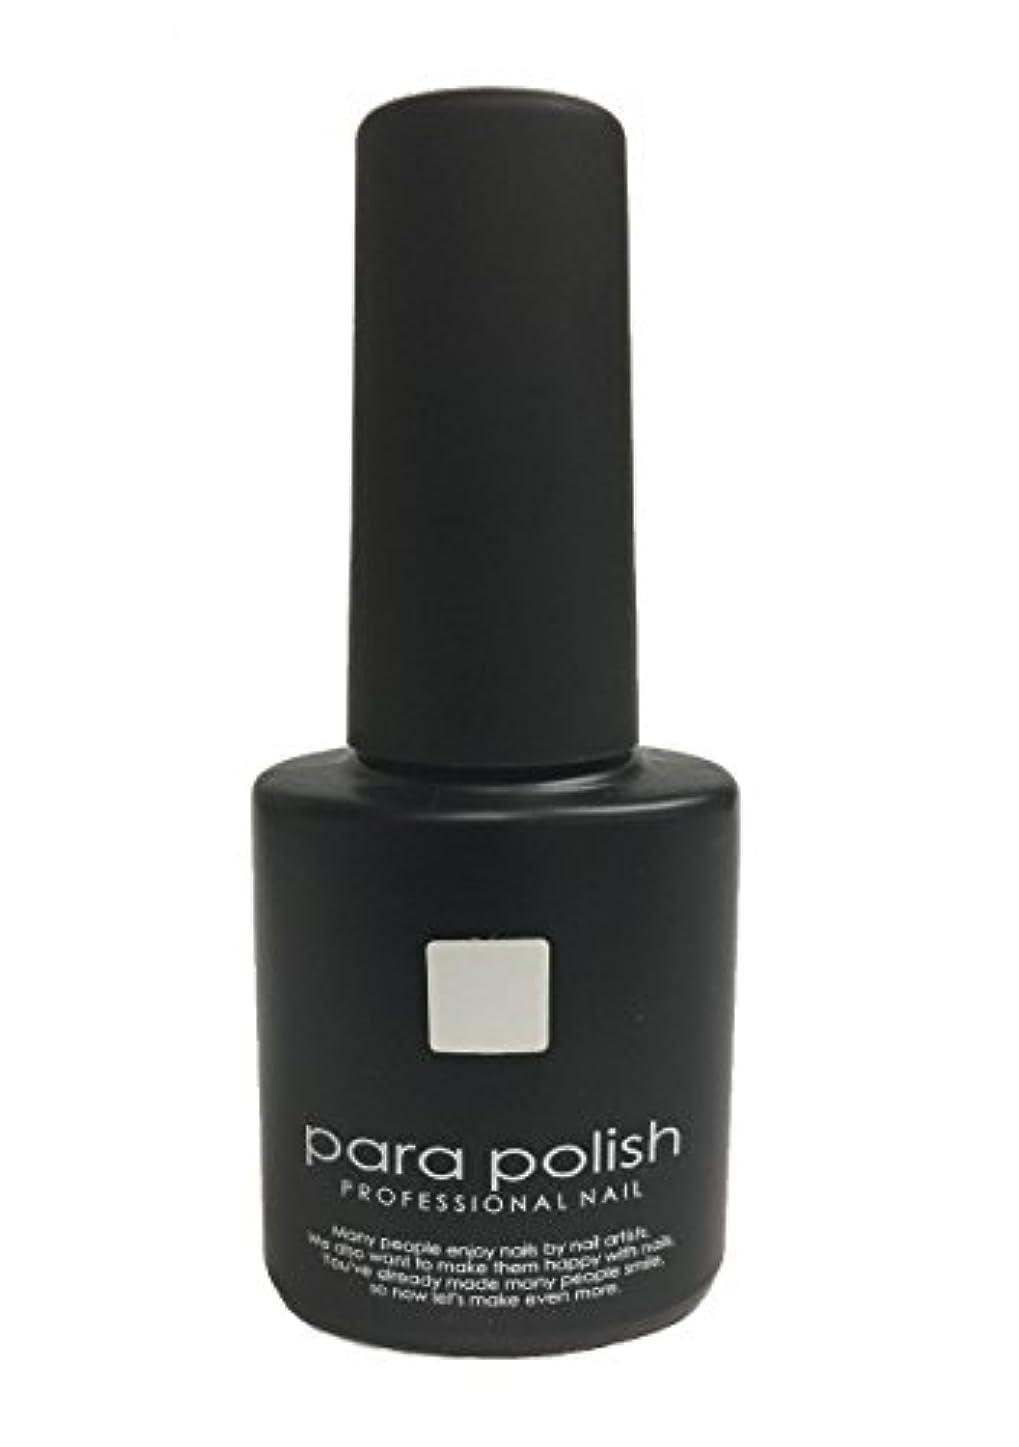 アラスカ剪断素朴なパラジェル para polish(パラポリッシュ) カラージェル V1 ホワイト 7g